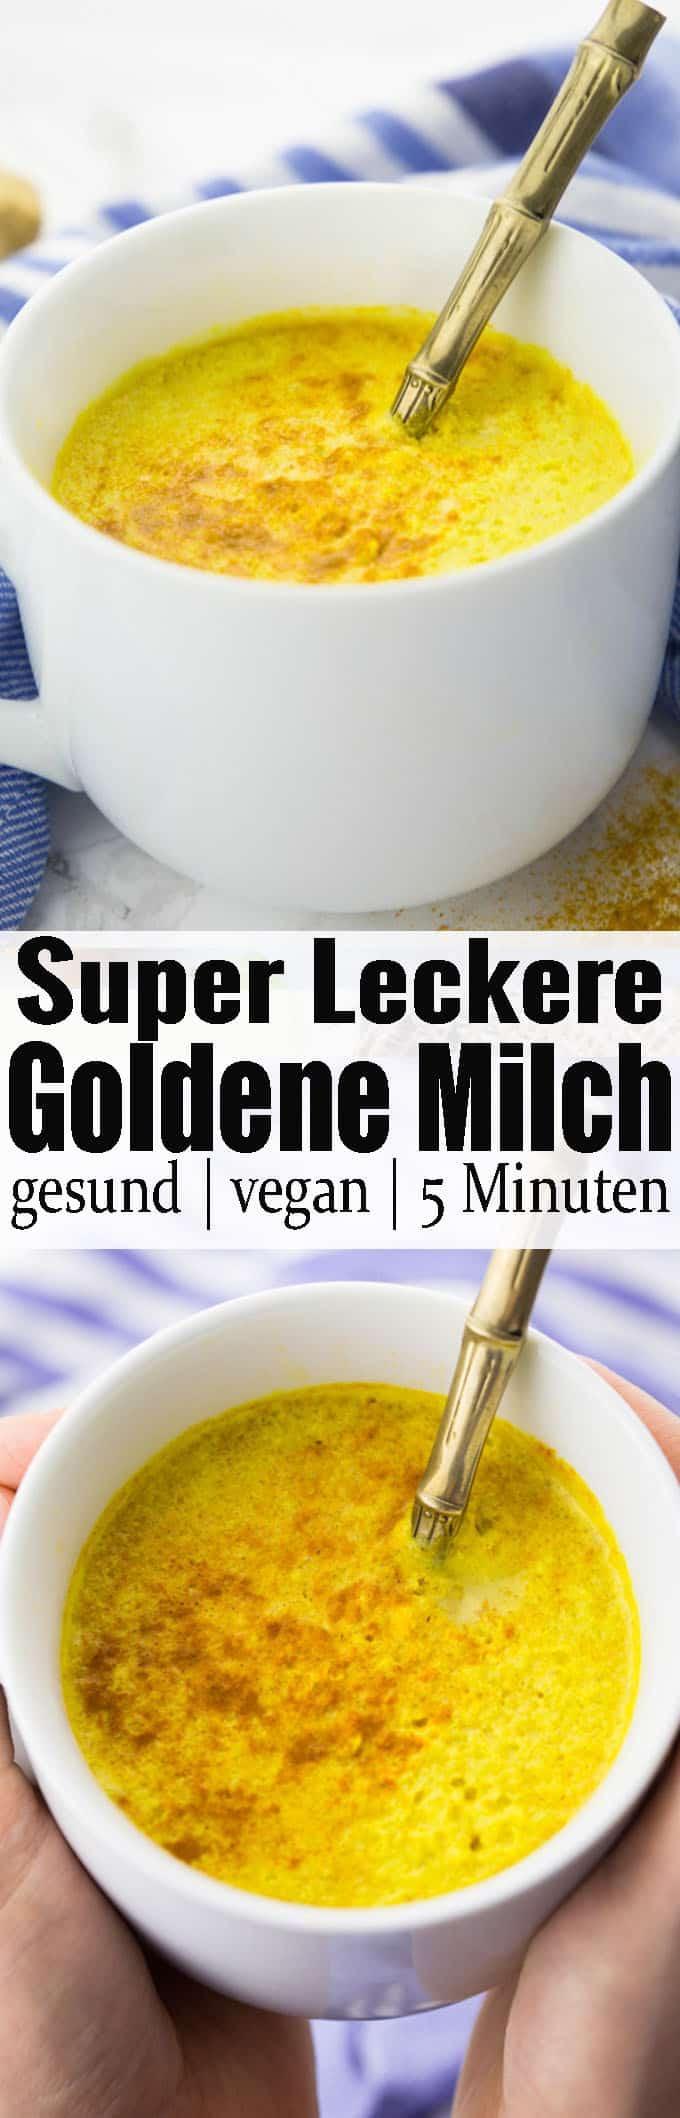 Goldene Milch mit Mandelmilch, Kurkuma und Ingwer ist nicht nur super lecker, sondern auch das perfekte Getränk gegen Erkältungen. Auch als Schlummertrunk vor dem Zubettgehen ist die Milch super! Gesunde Rezepte können so lecker sein! Mehr vegane Rezepte auf veganheaven.de!